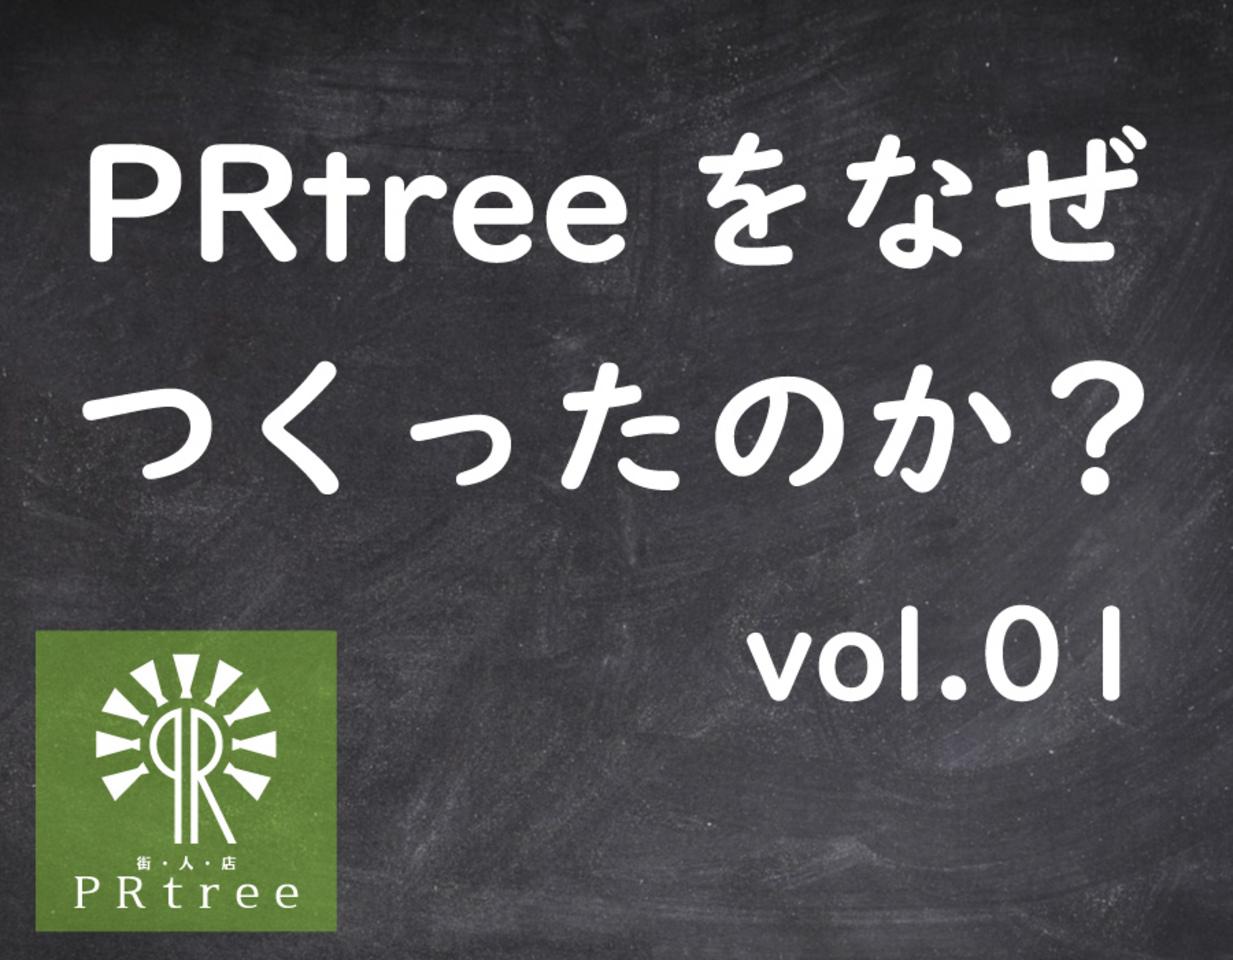 PRtreeをなぜつくったのか?vol.01